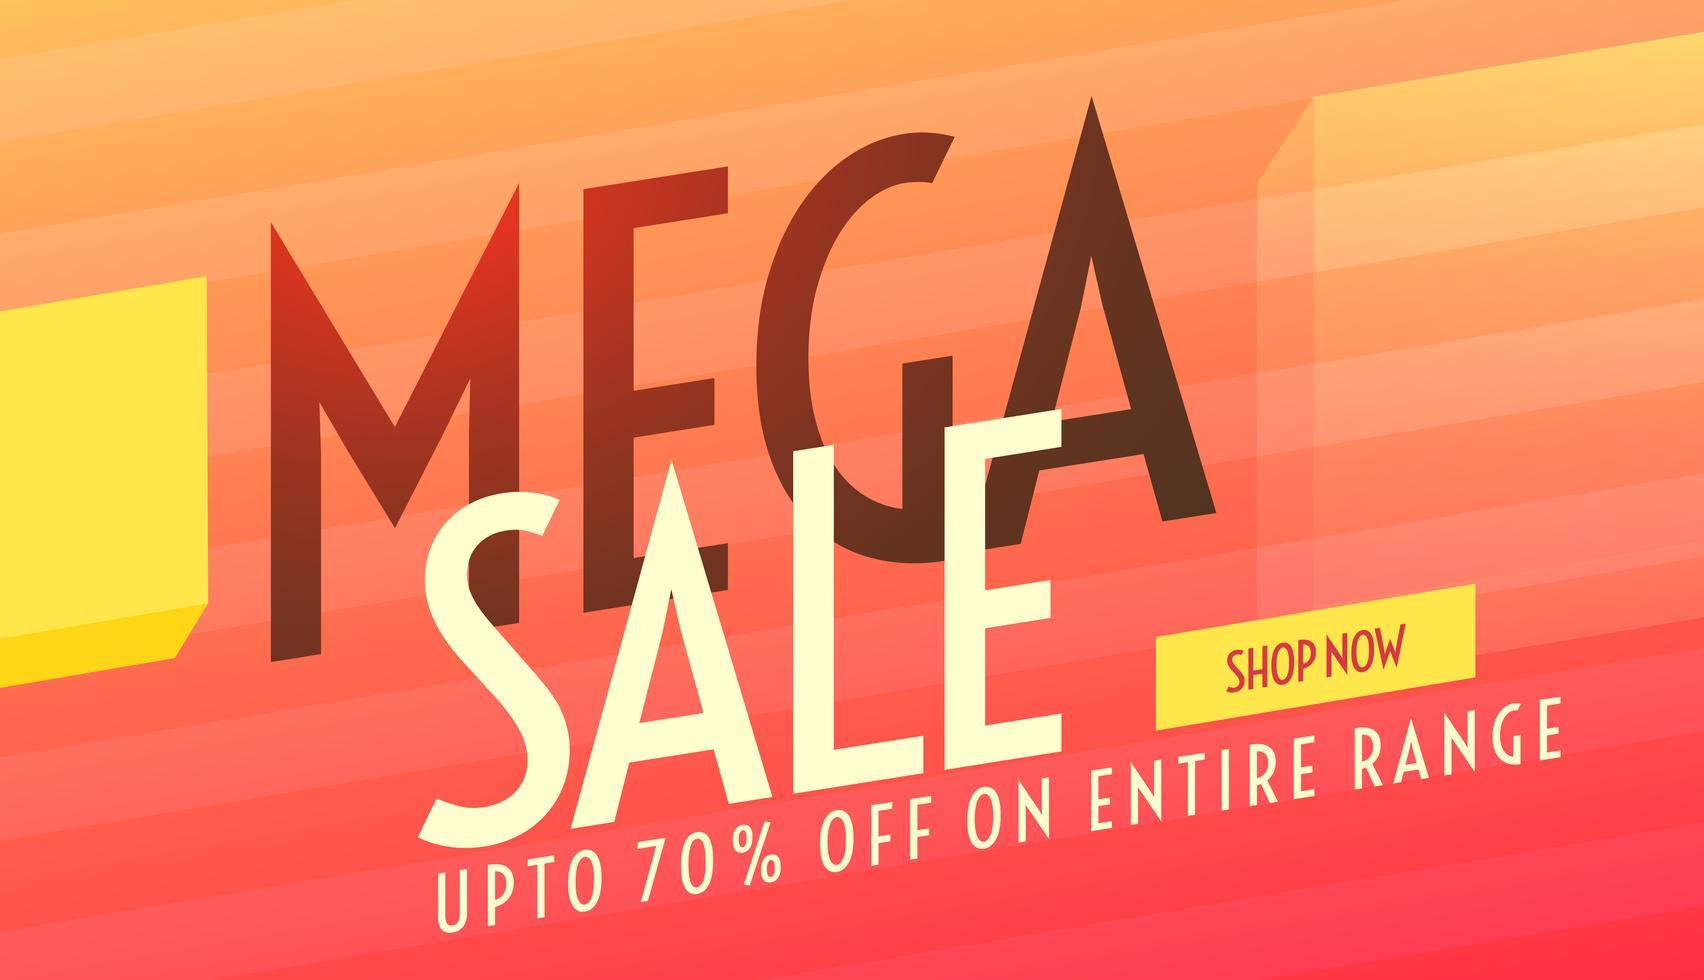 vector-mega-sale-modern-advertising-banner-banner-design-template.jpg